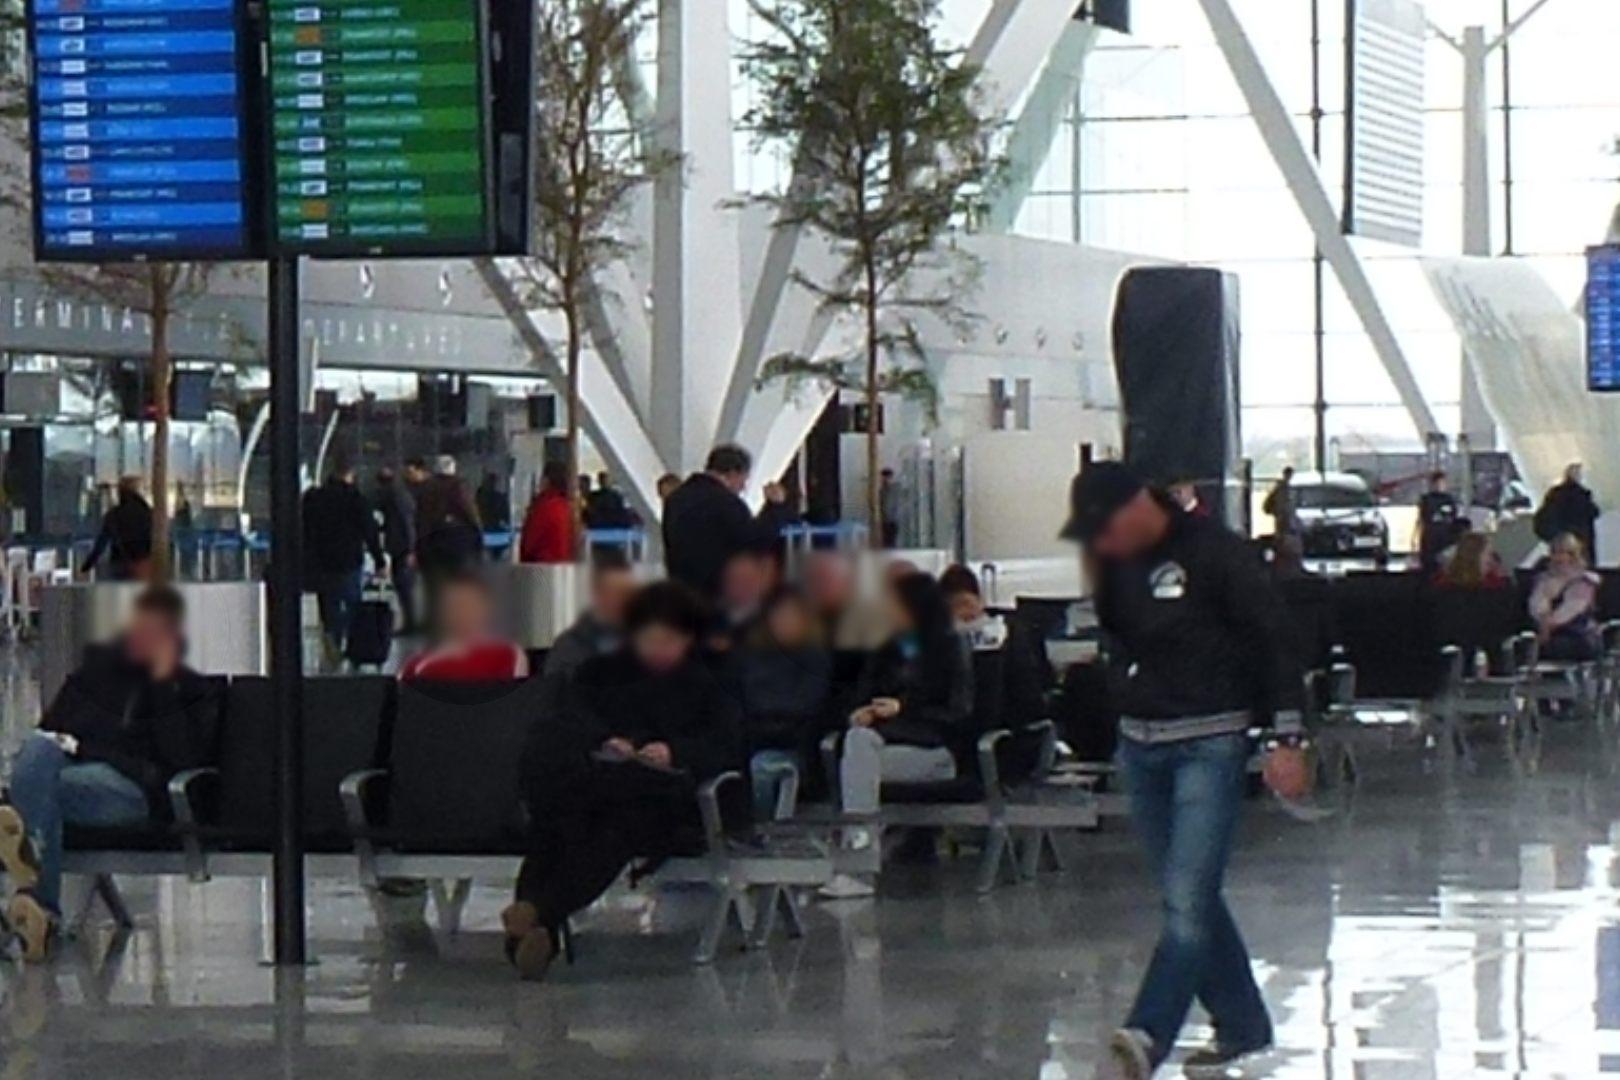 Kobieta powiedziała na lotnisku w Gdańsku, że ma bombę